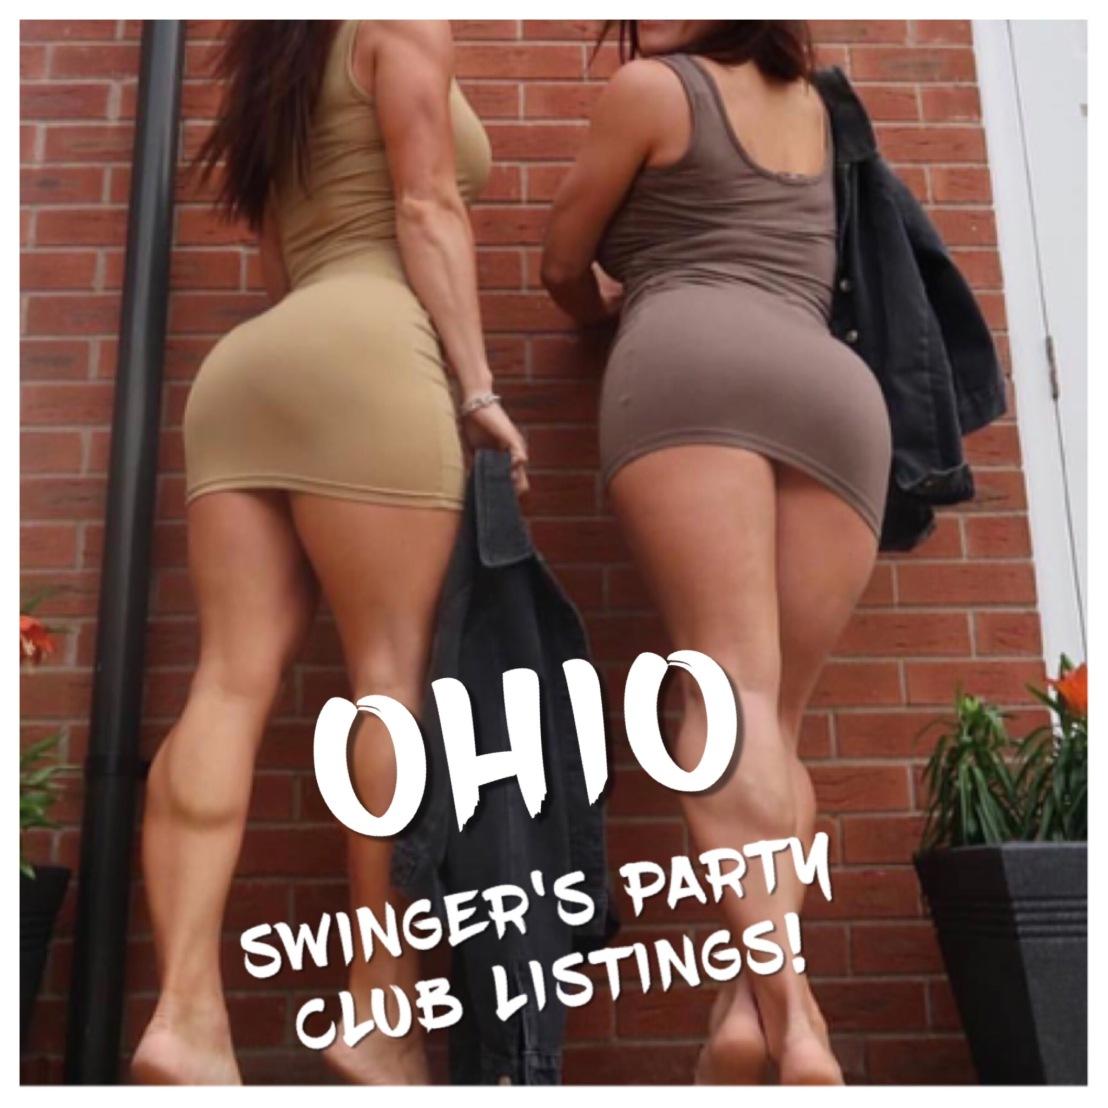 Ohio Swinger Club Locations